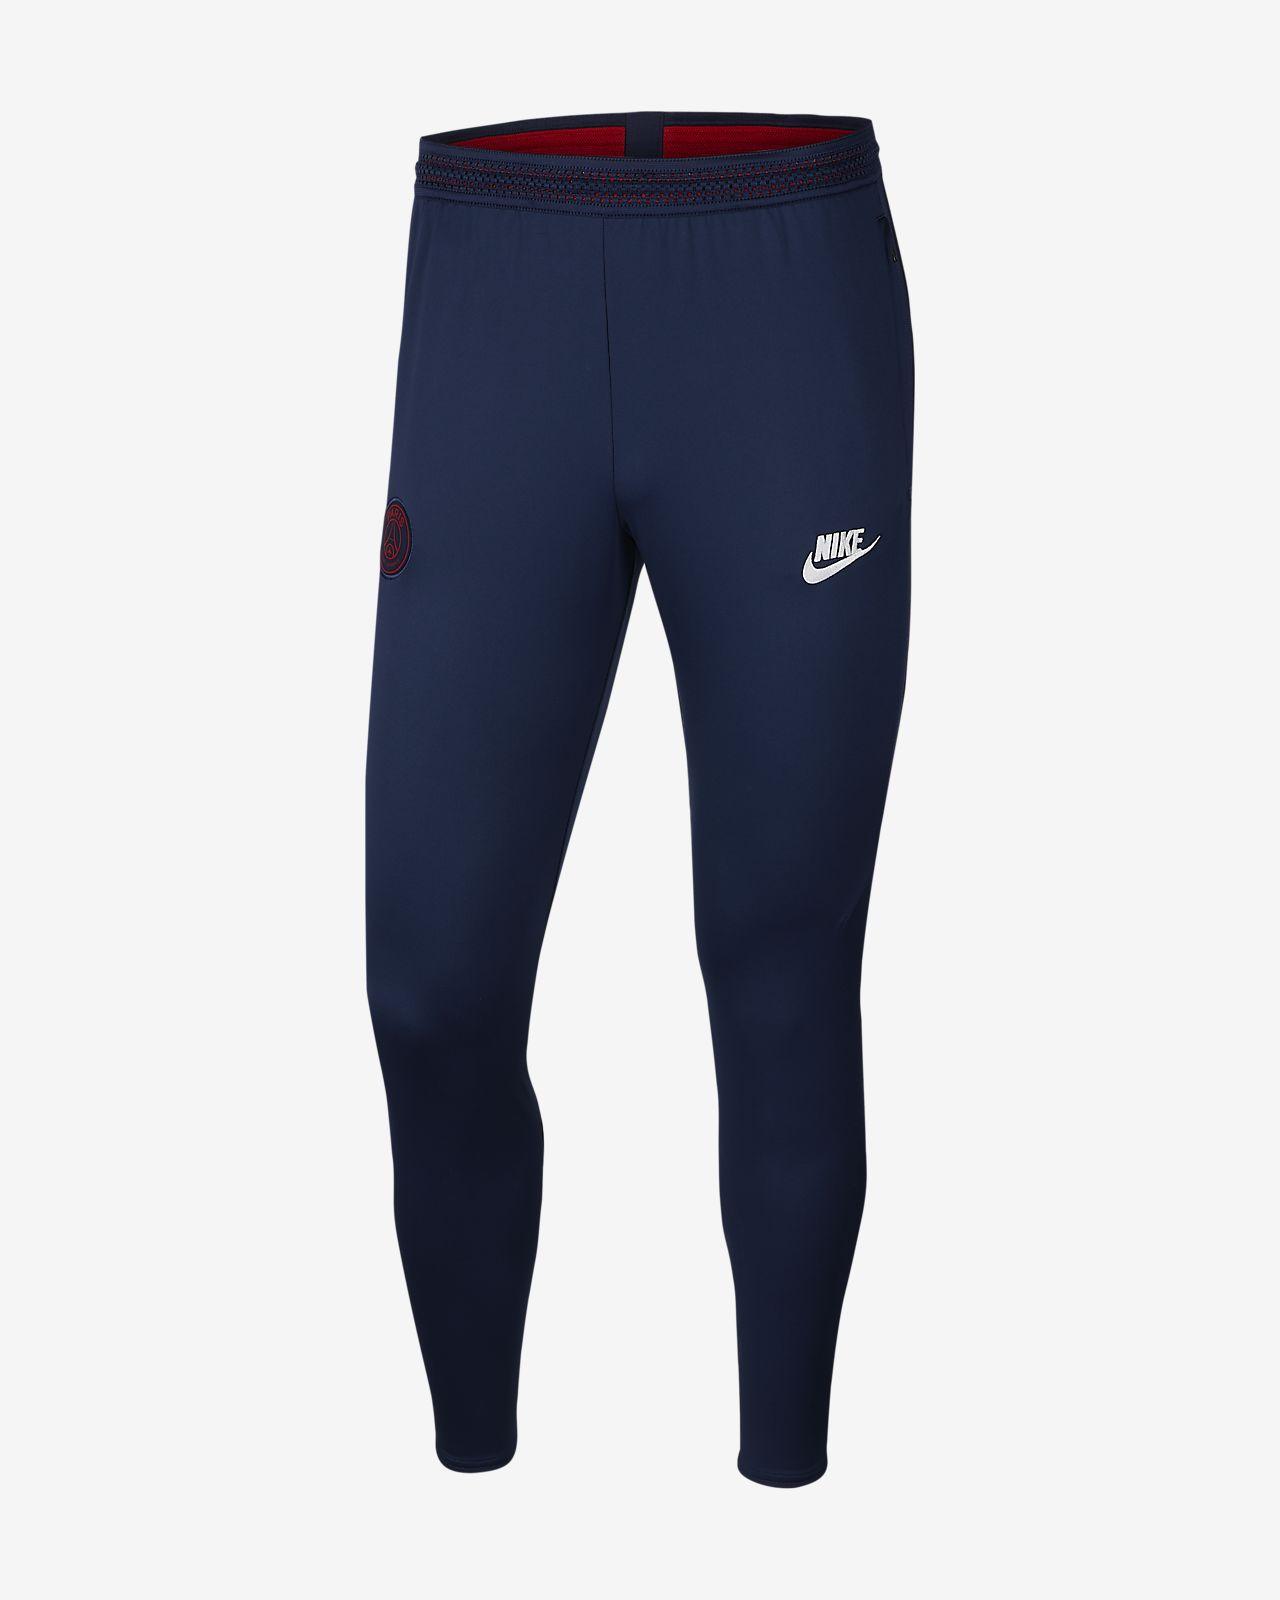 Pantaloni da calcio Paris Saint-Germain Strike - Uomo